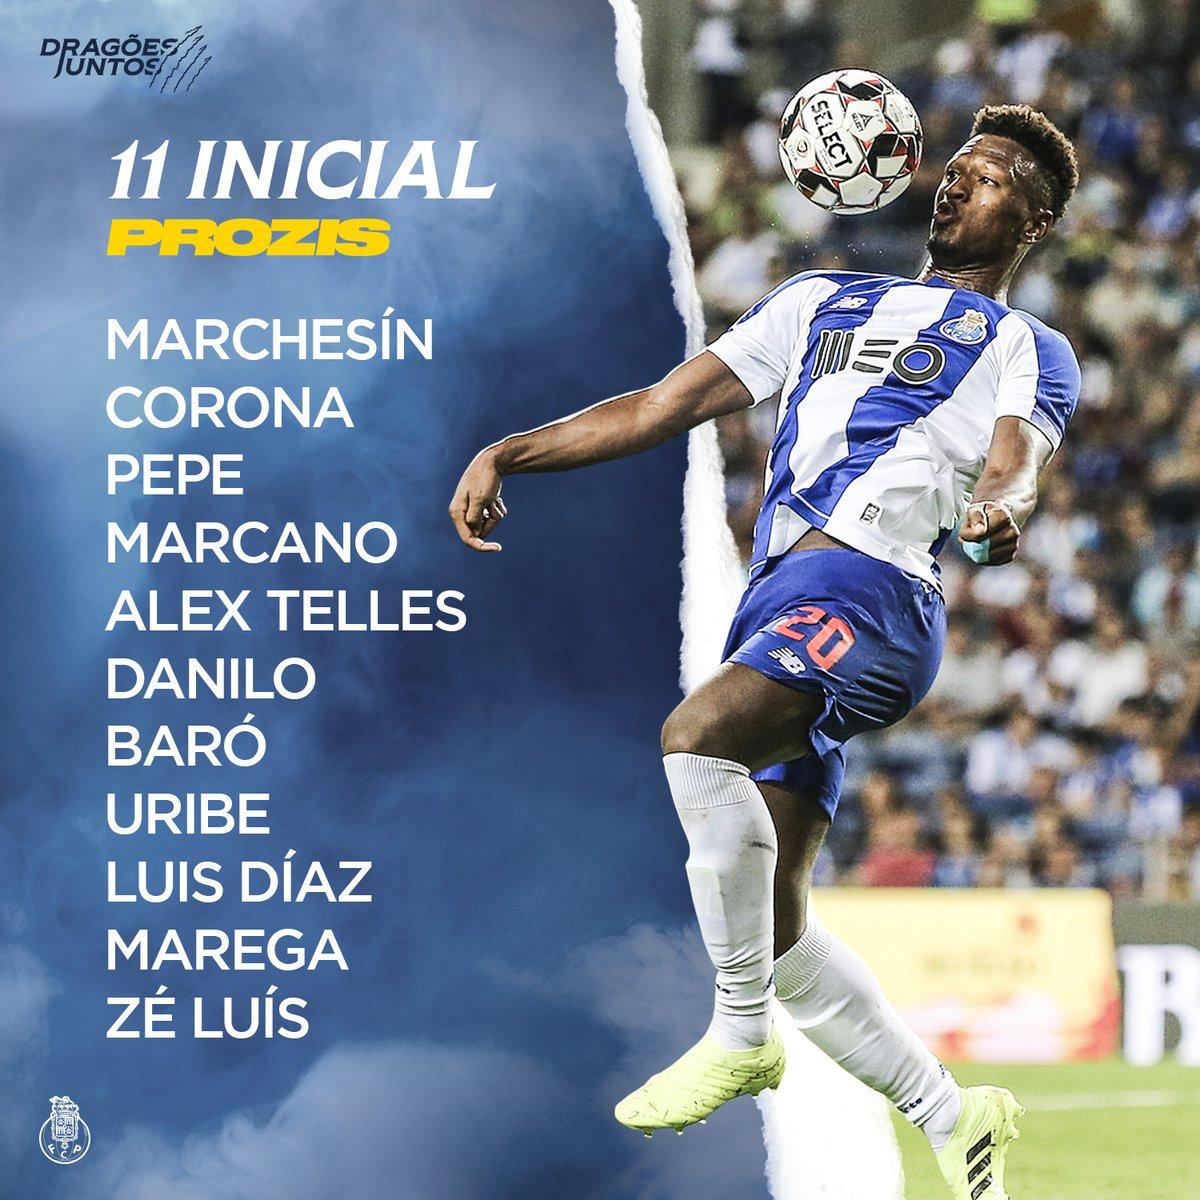 Díaz y Uribe ganan su primer clásico en Potugal